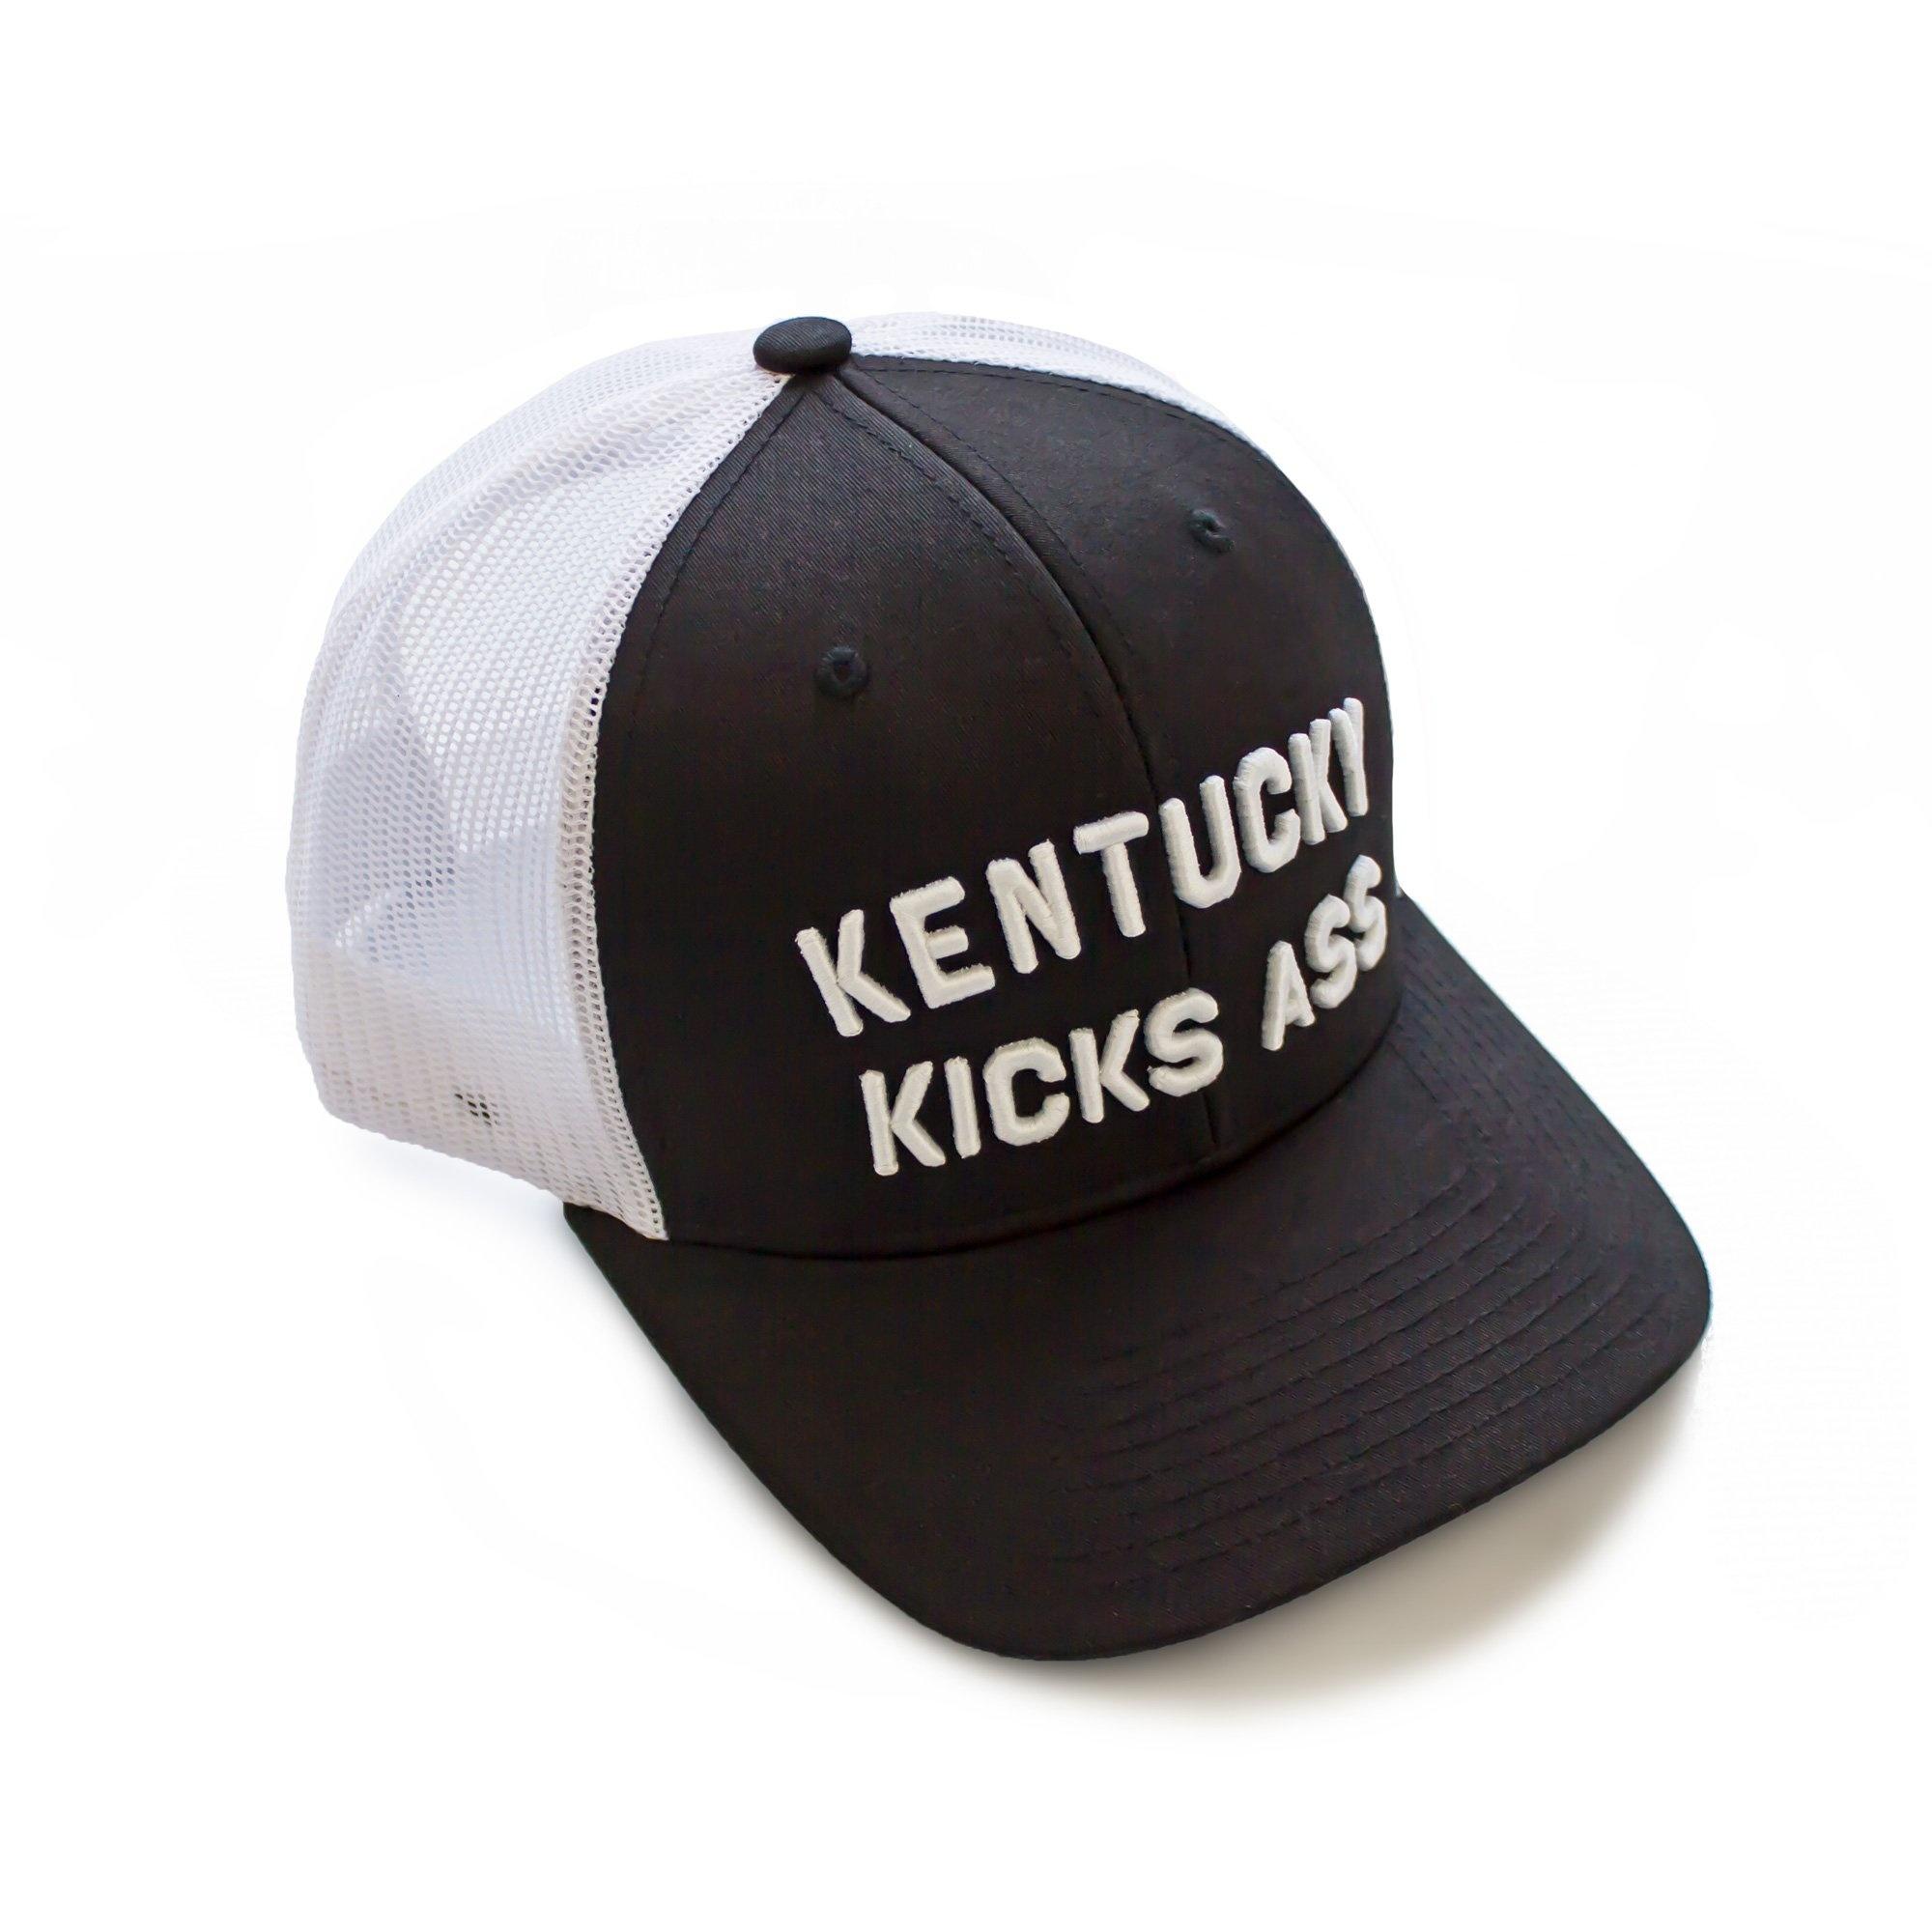 Kentucky Kicks Ass Trucker Hat